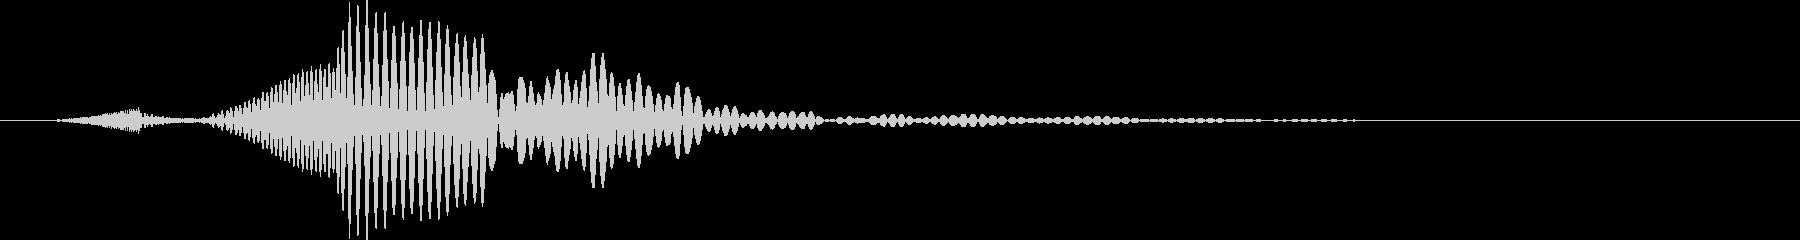 お知らせ シンセドロップステップ01の未再生の波形